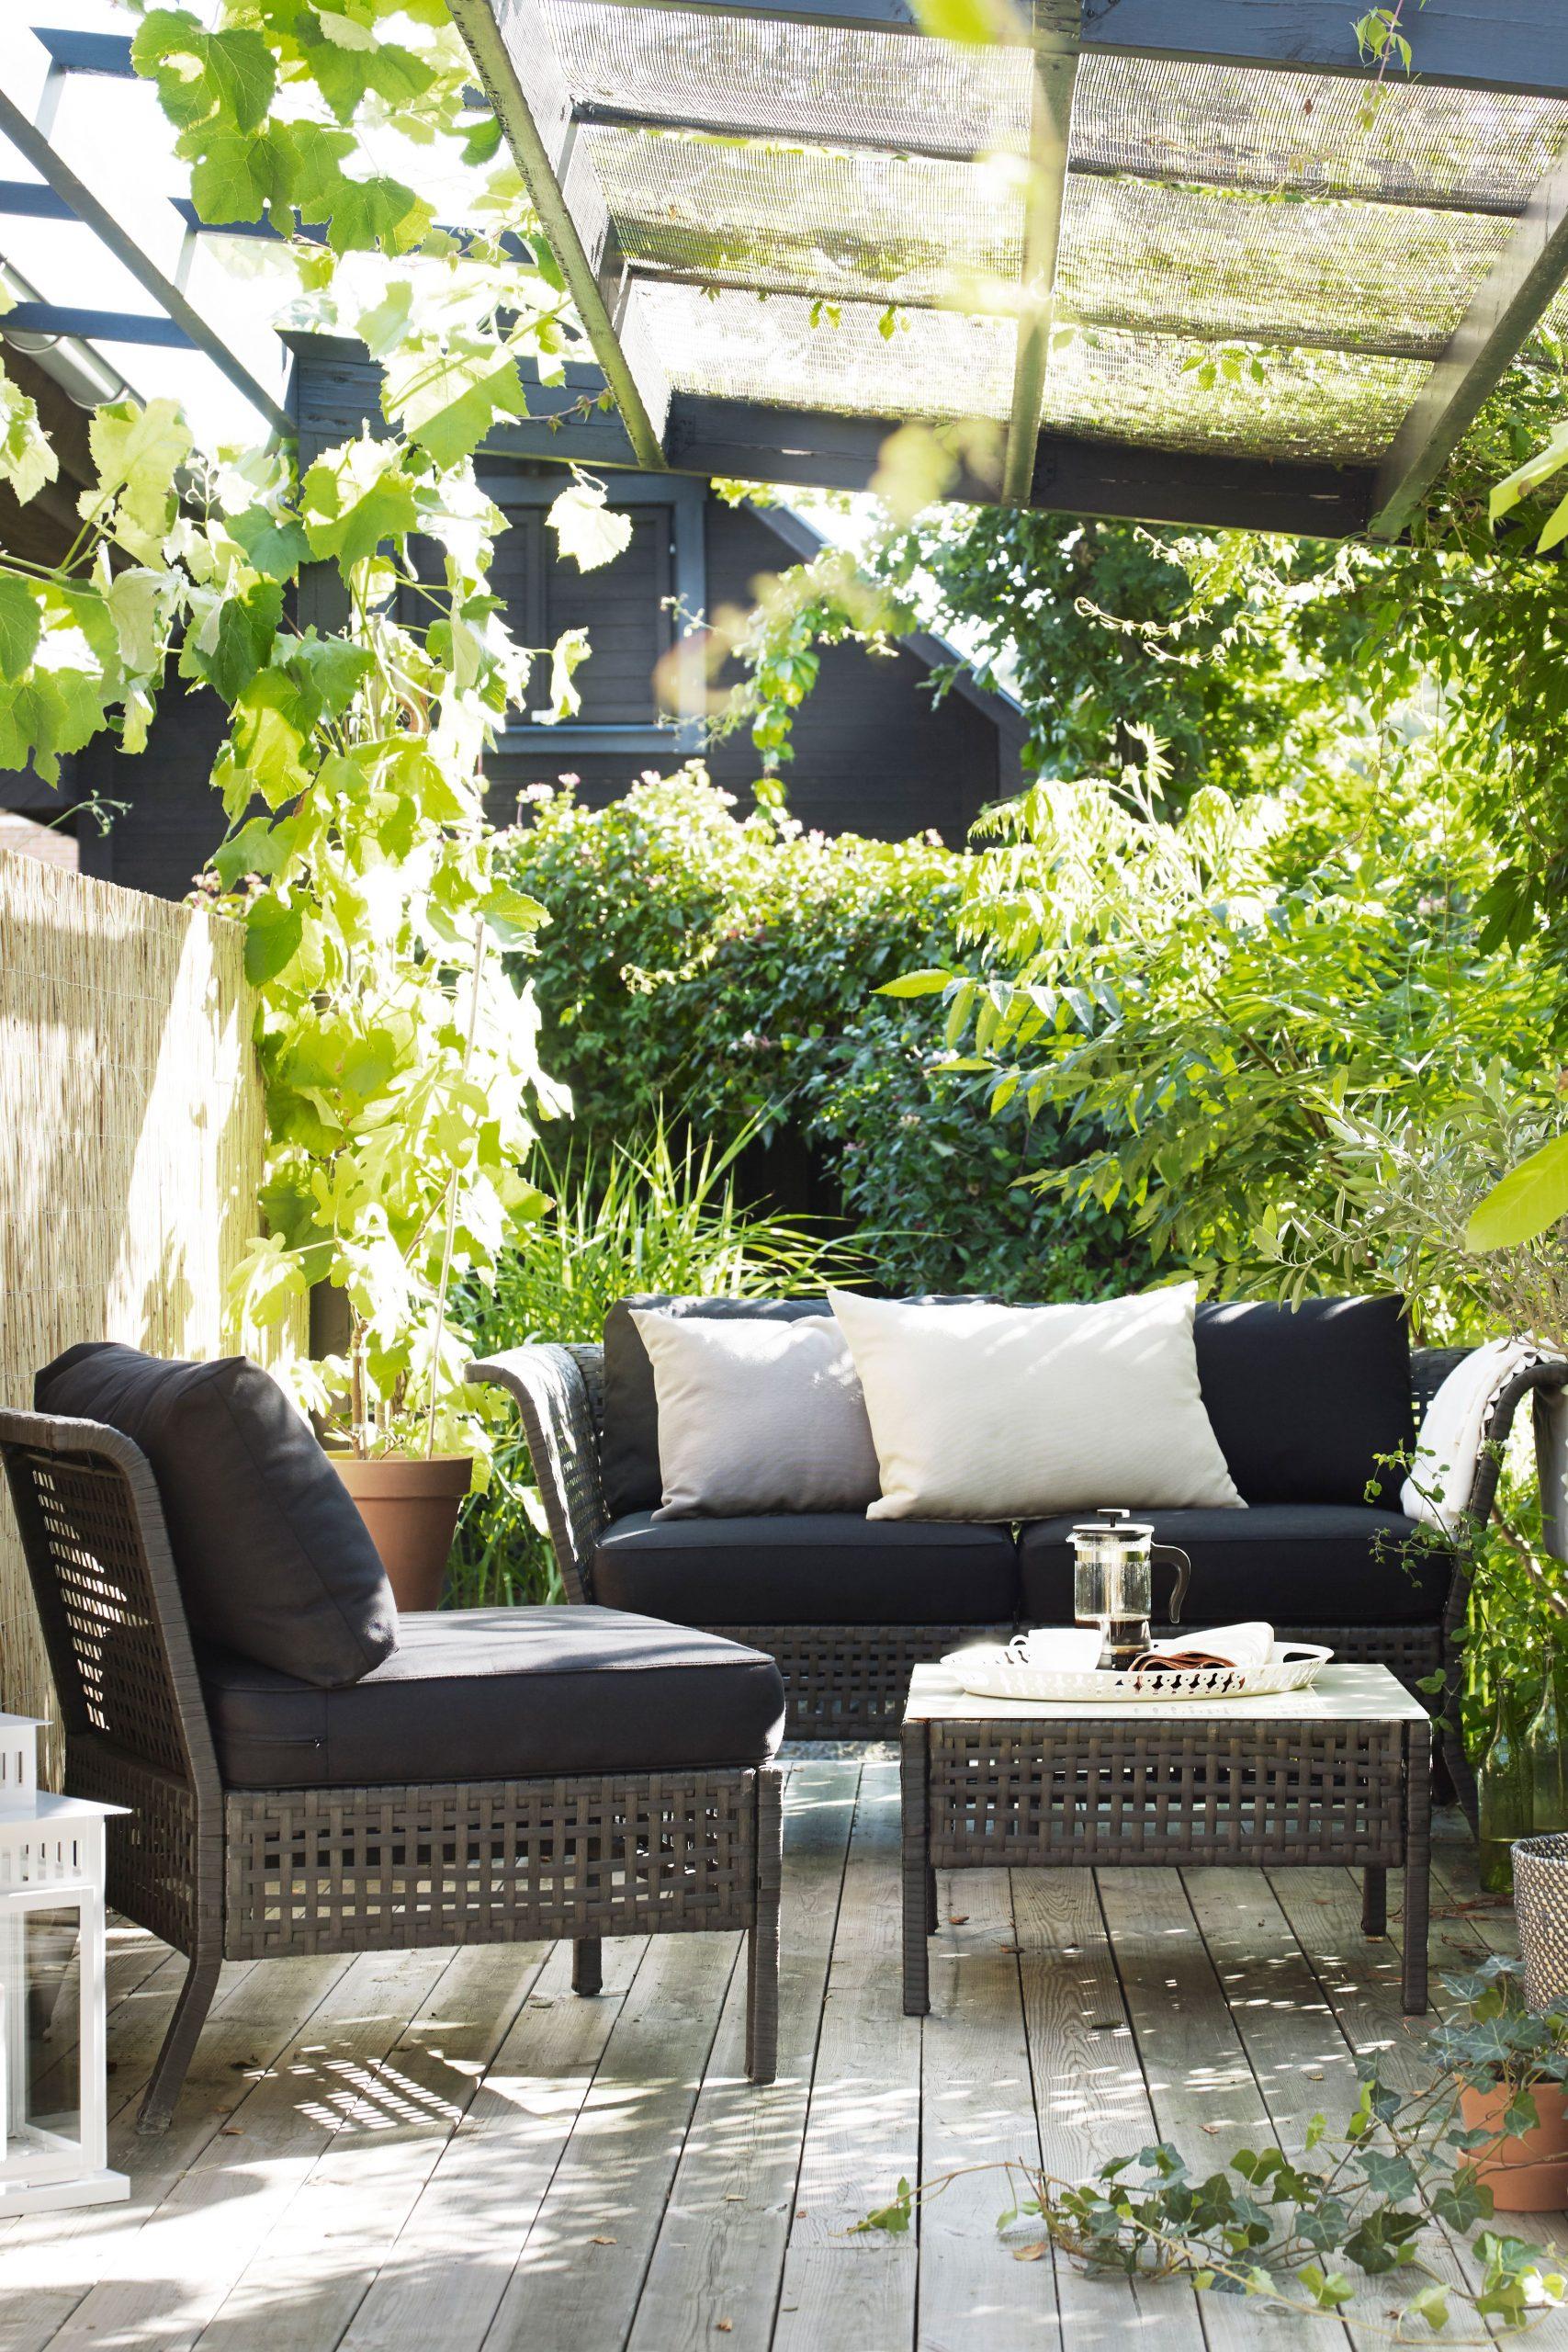 Full Size of Garten Loungemöbel Mbel Einrichtungsideen Fr Dein Zuhause In 2020 Ikea Lounge Holz Jacuzzi Sitzgruppe Spielhäuser Spielhaus Trennwände Mini Pool Zaun Im Garten Garten Loungemöbel